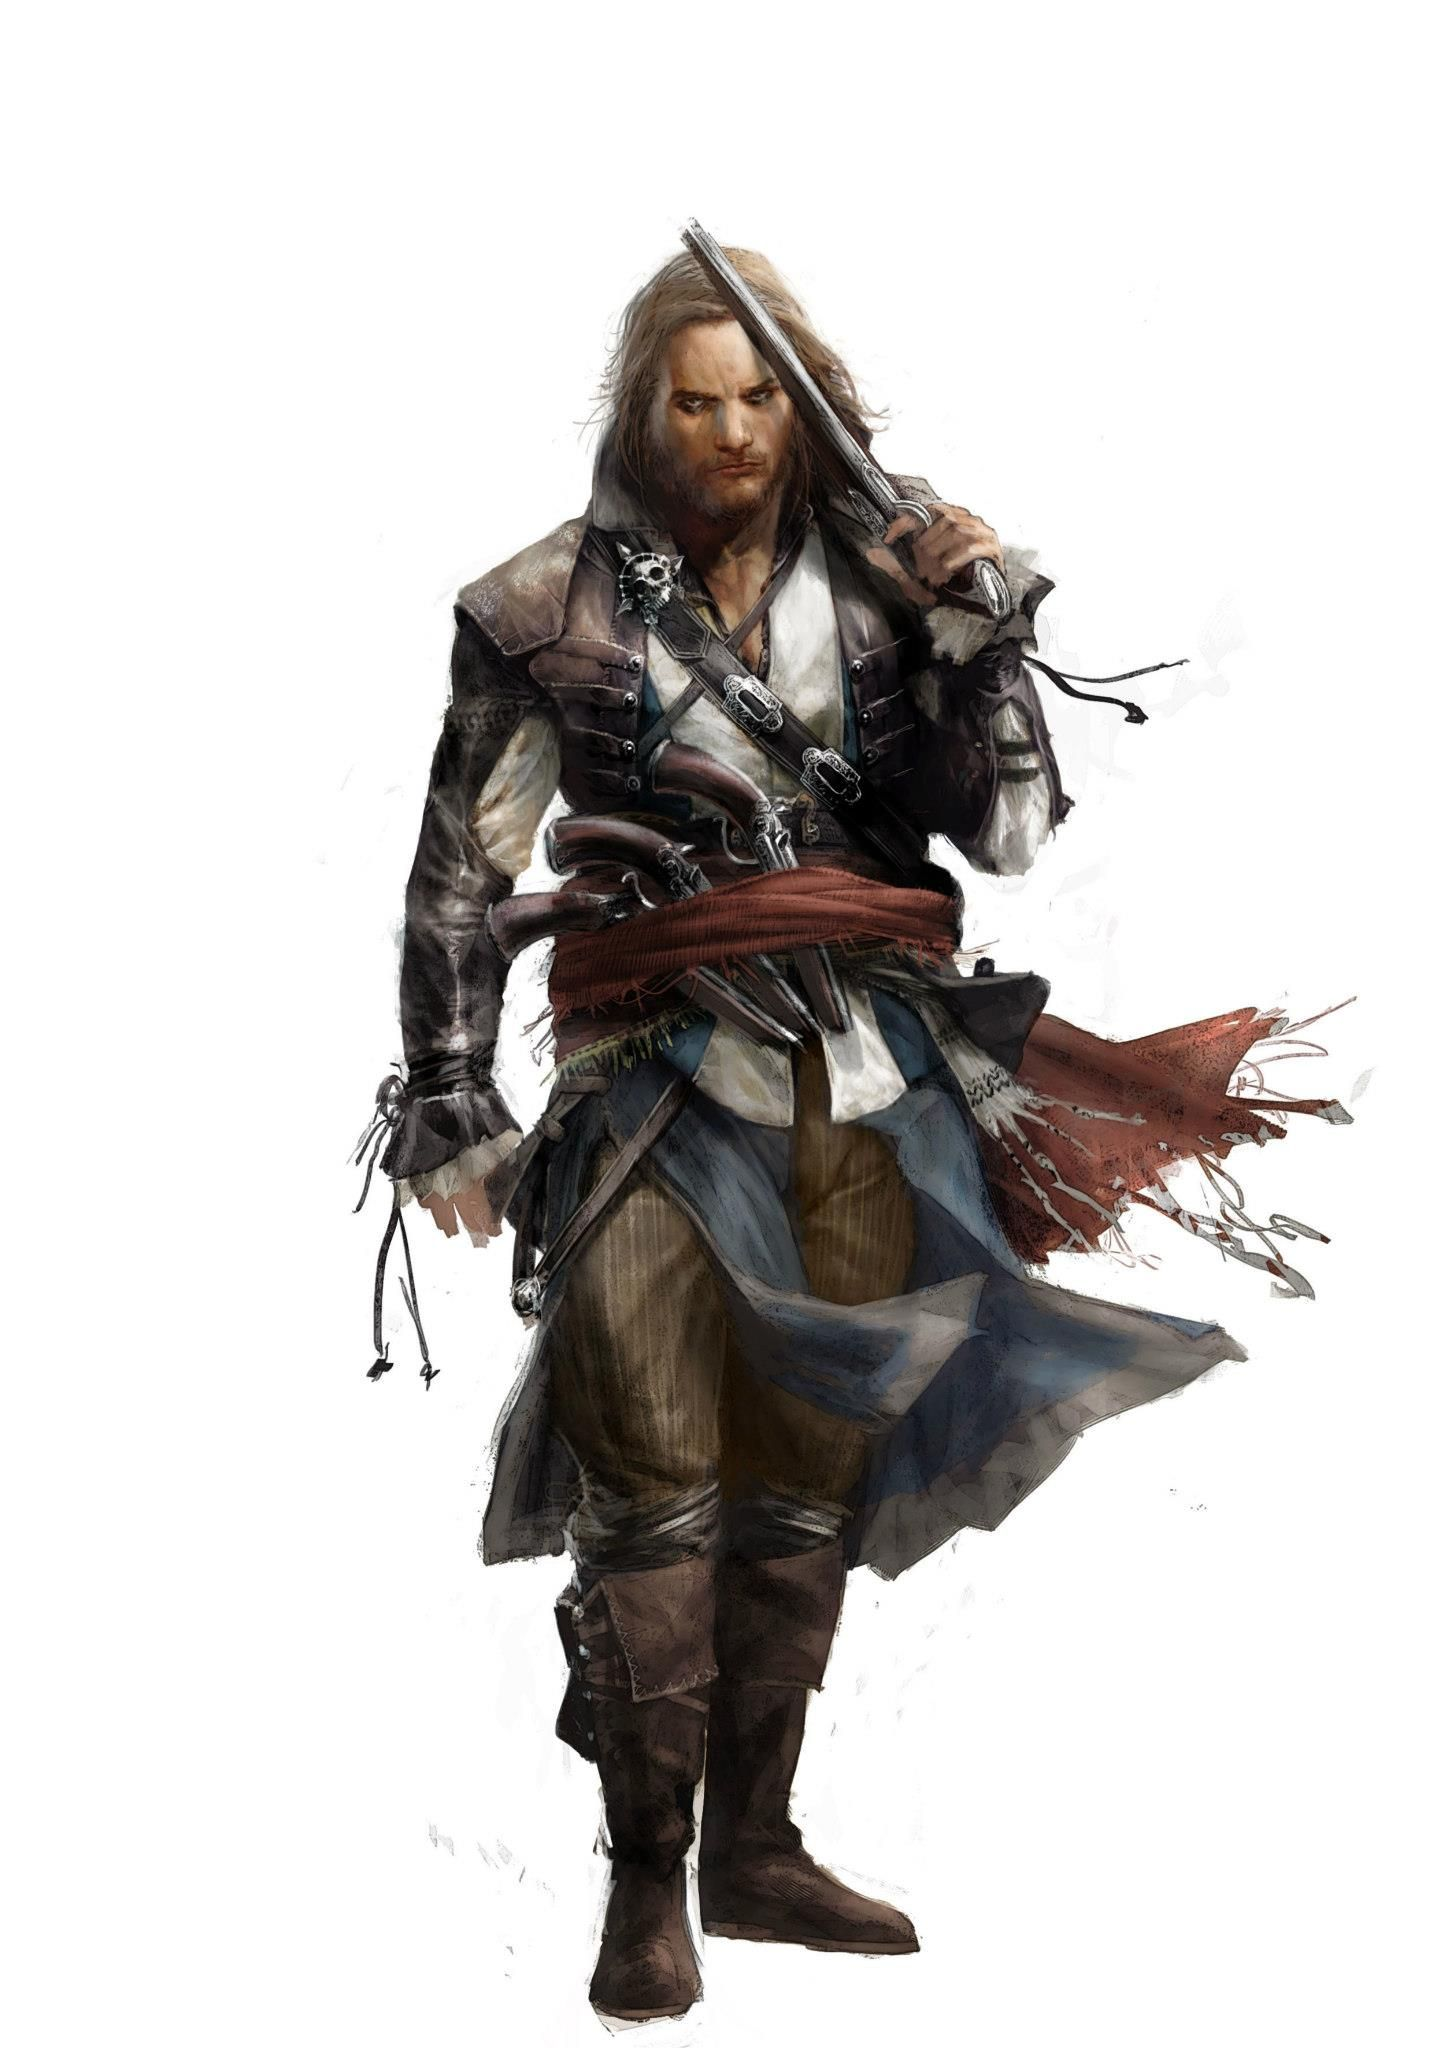 Captain Edward Kenway Assassins Creed Art Assassins Creed Black Flag Assassins Creed 4